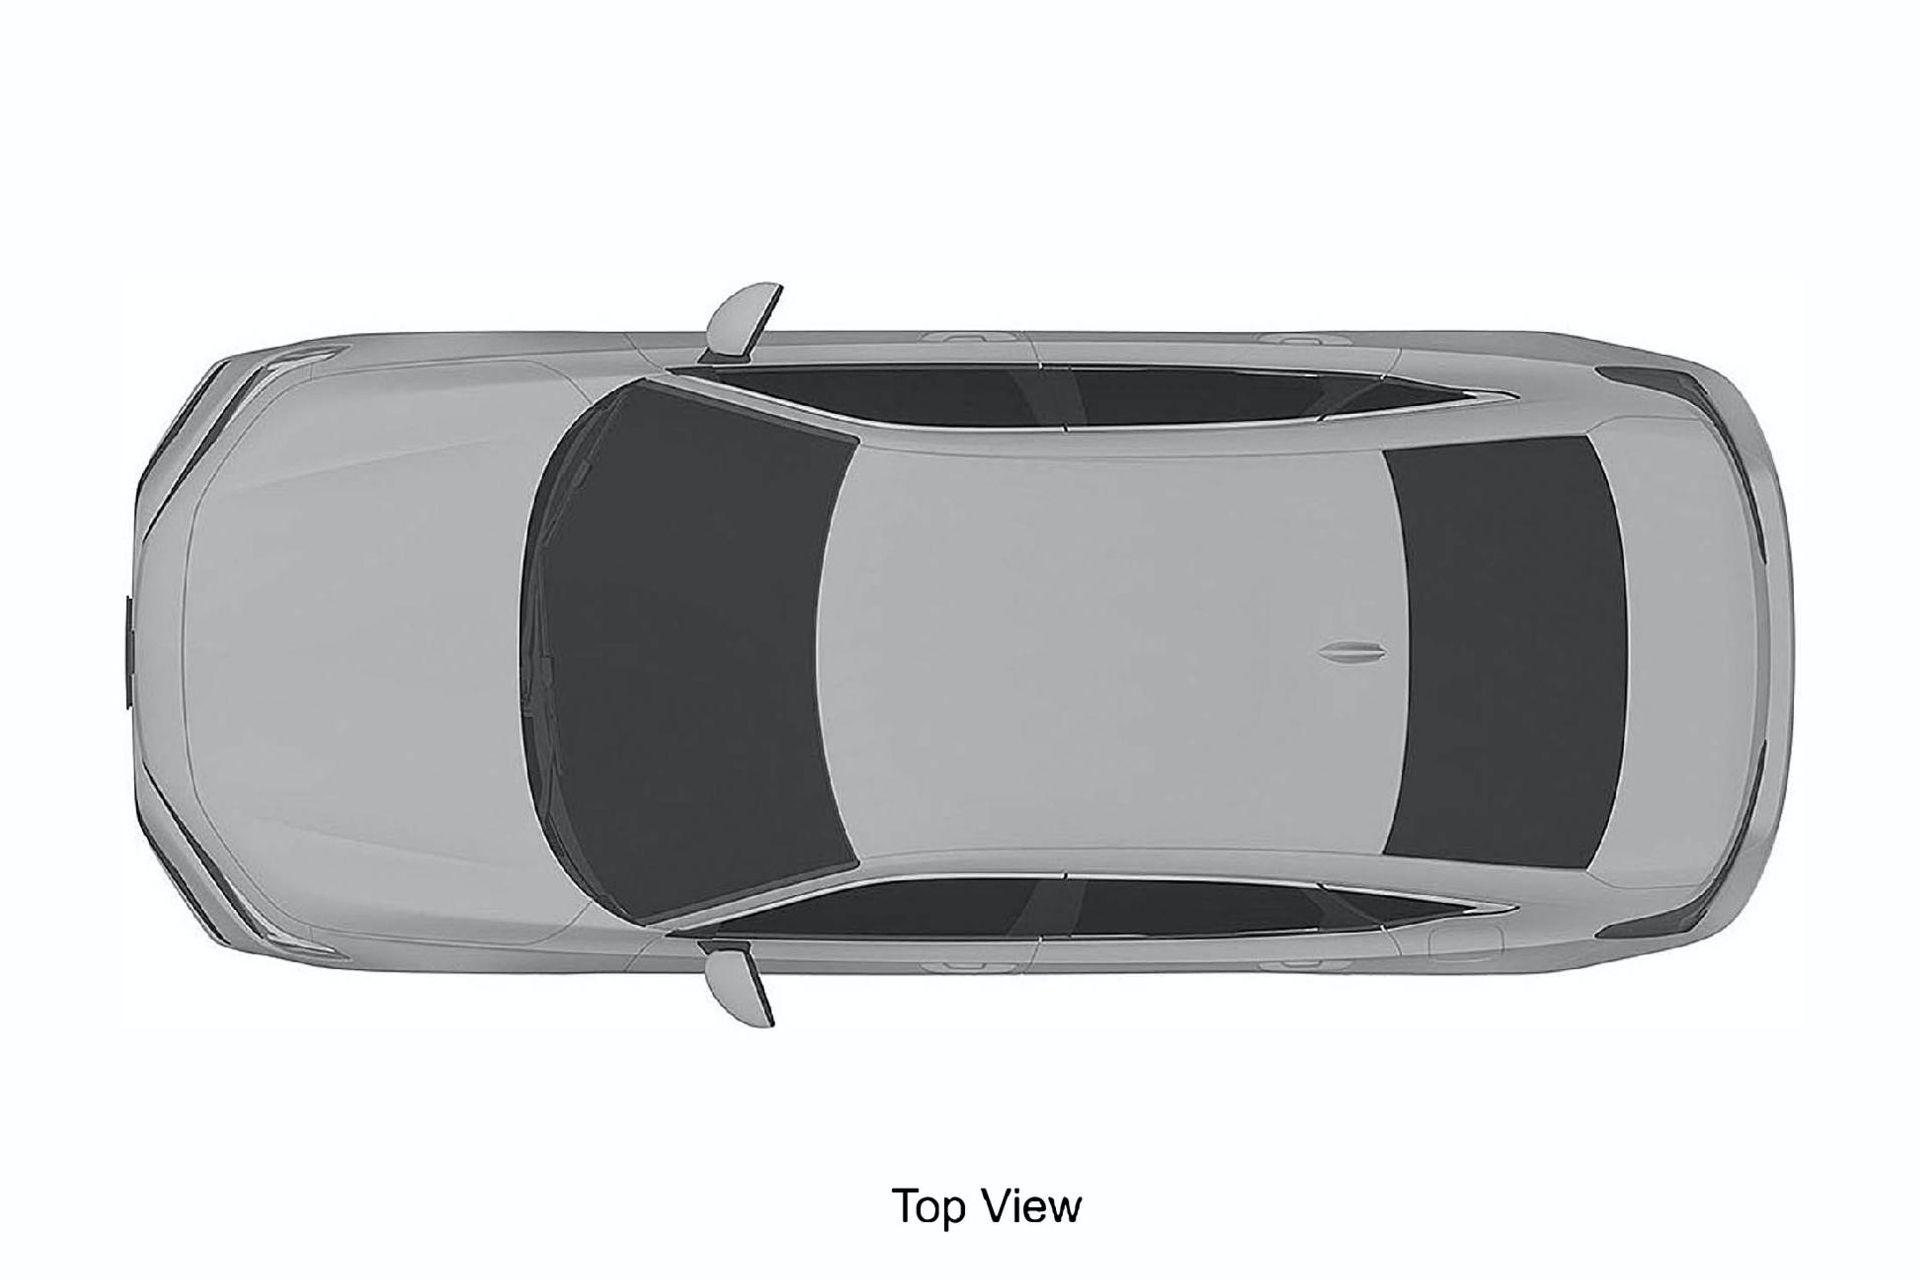 2022-Honda-Civic-Sedan-patent-images-7